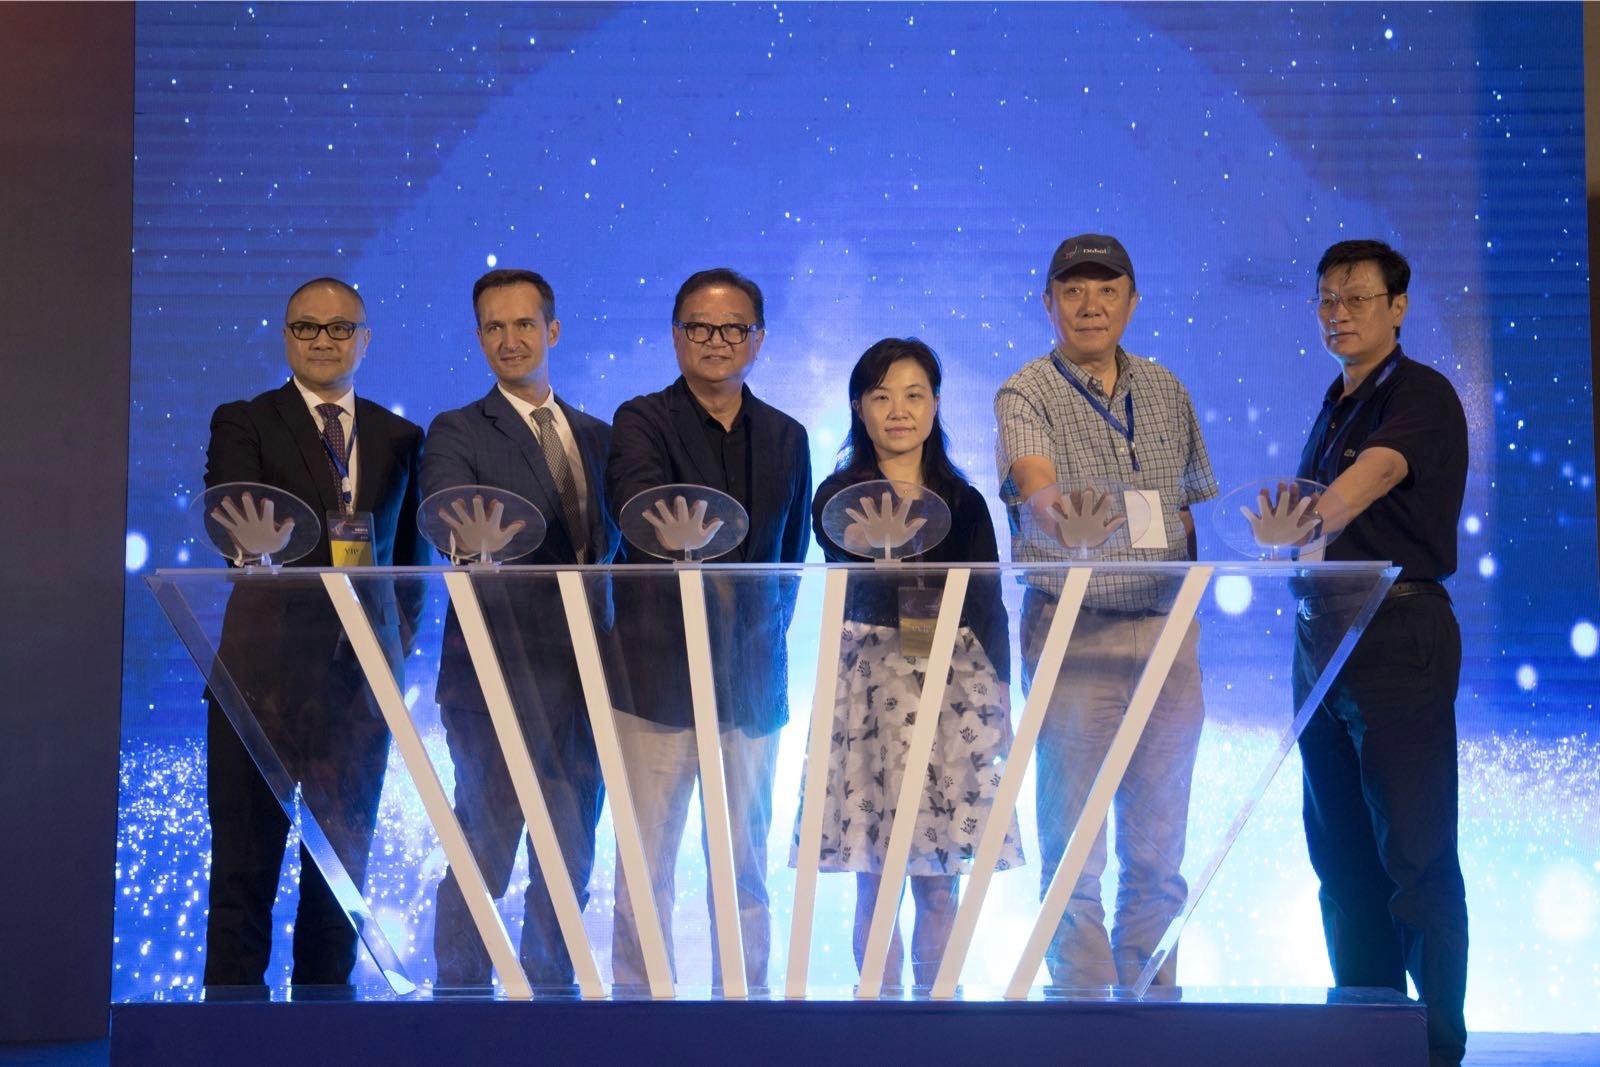 上海杯诺卡拉帆船赛信息发布会现场图片1.jpg